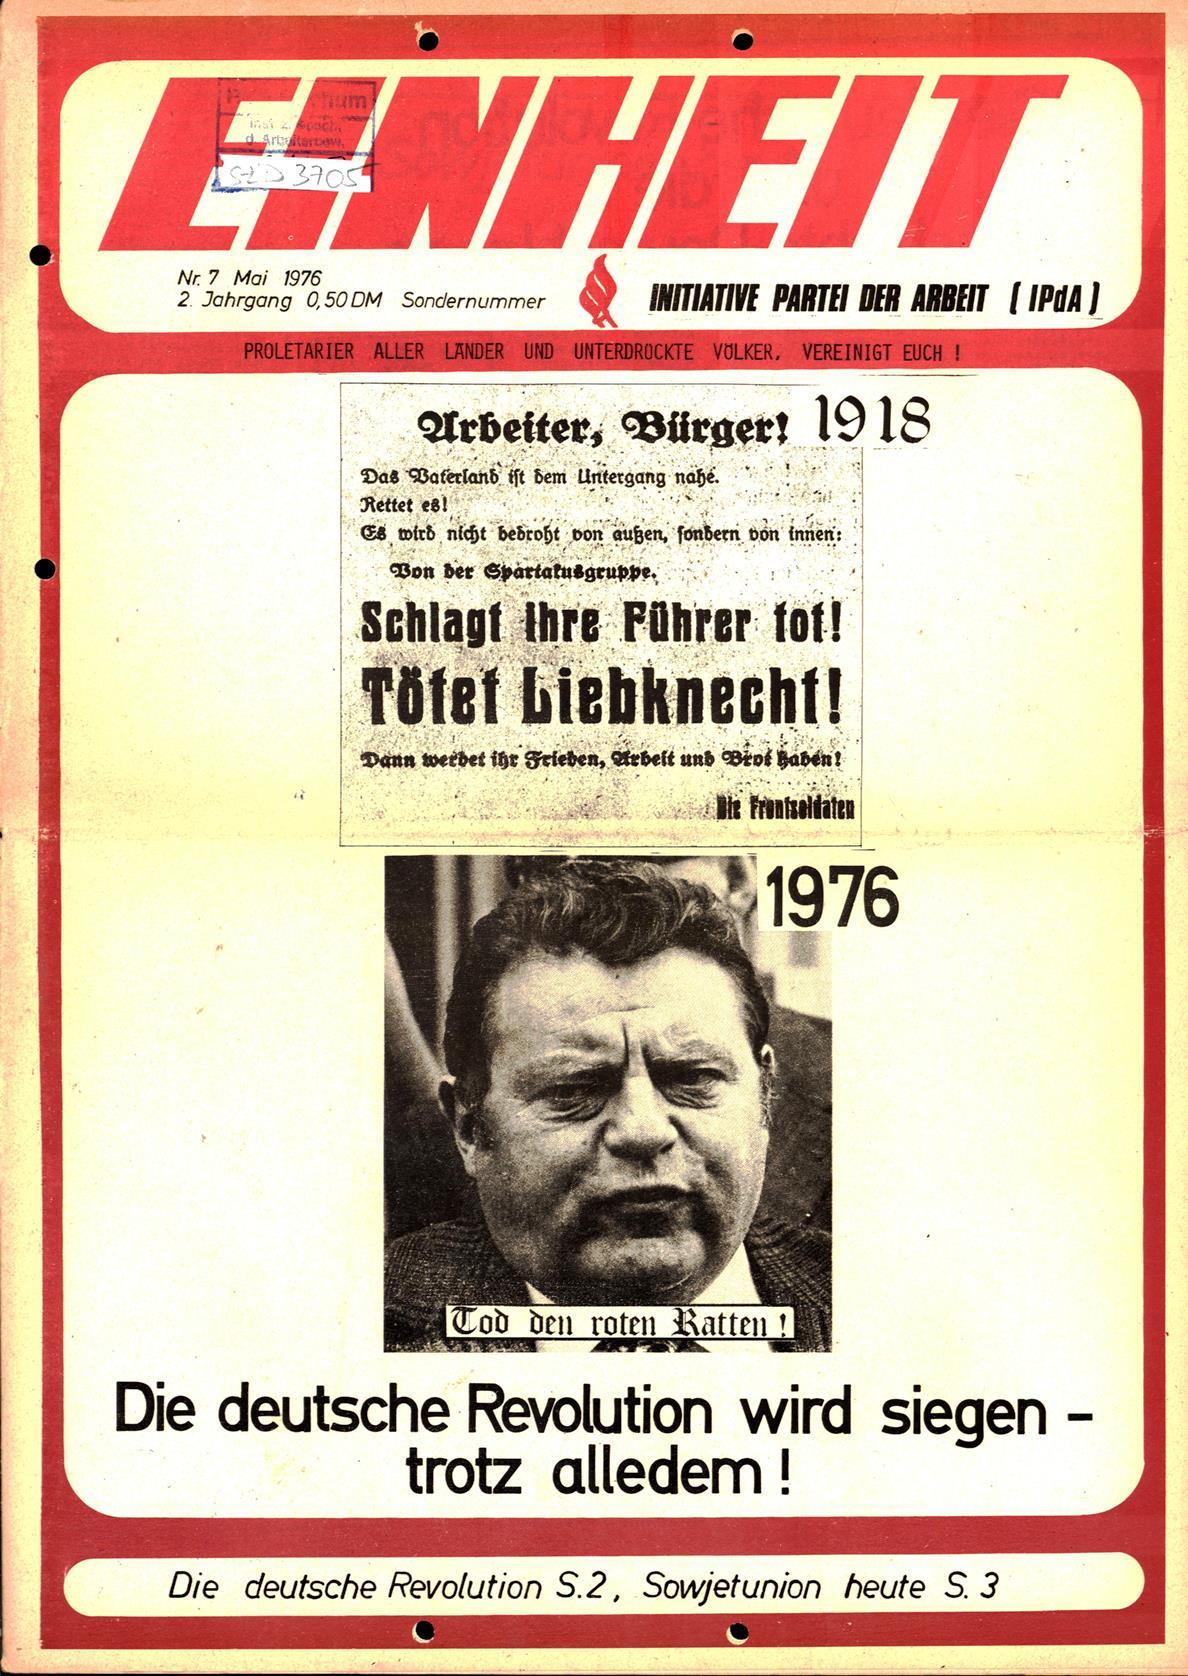 Koeln_IPdA_Einheit_1976_007_001